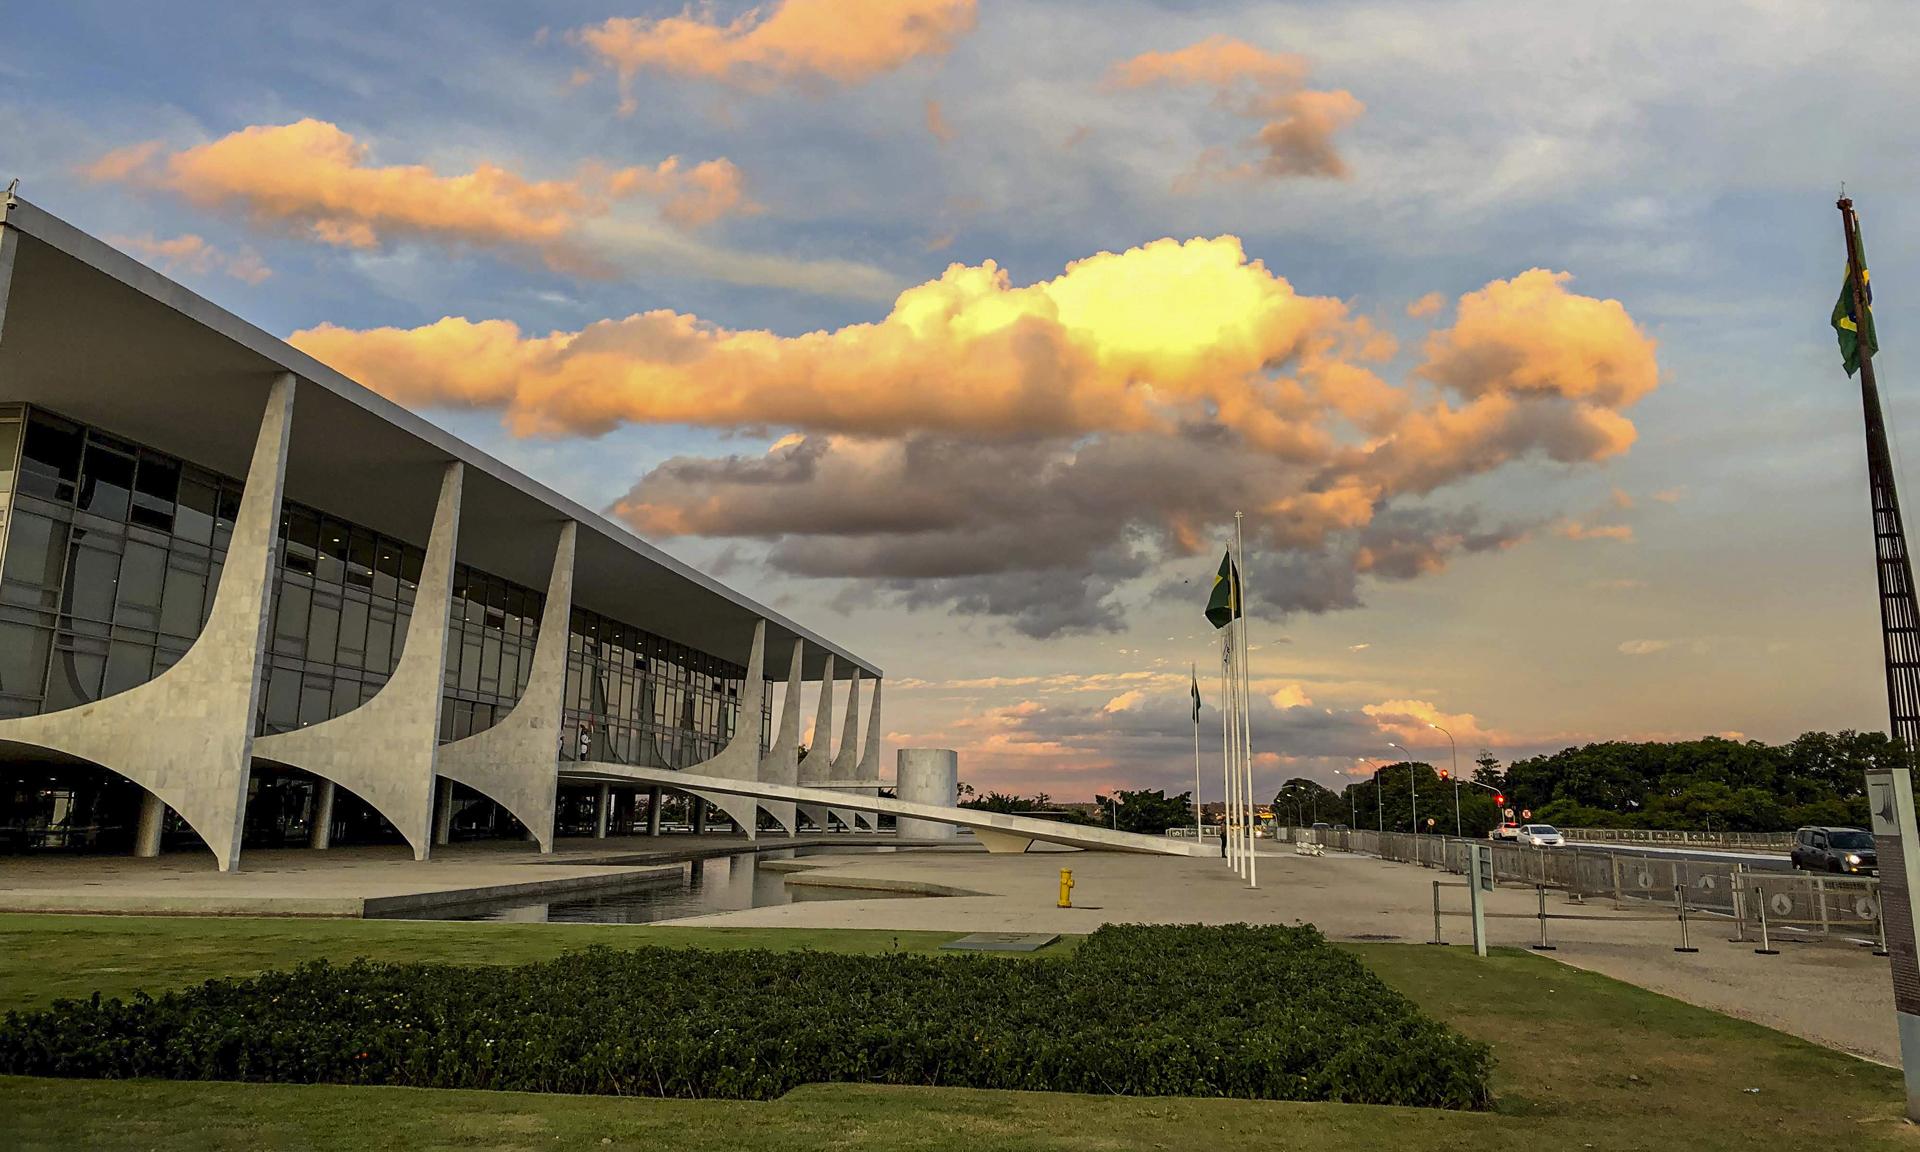 Mais uma edição do Revogaço simplifica o arcabouço normativo brasileiro. A meta é completar cinco mil revogações para os mil dias de governo